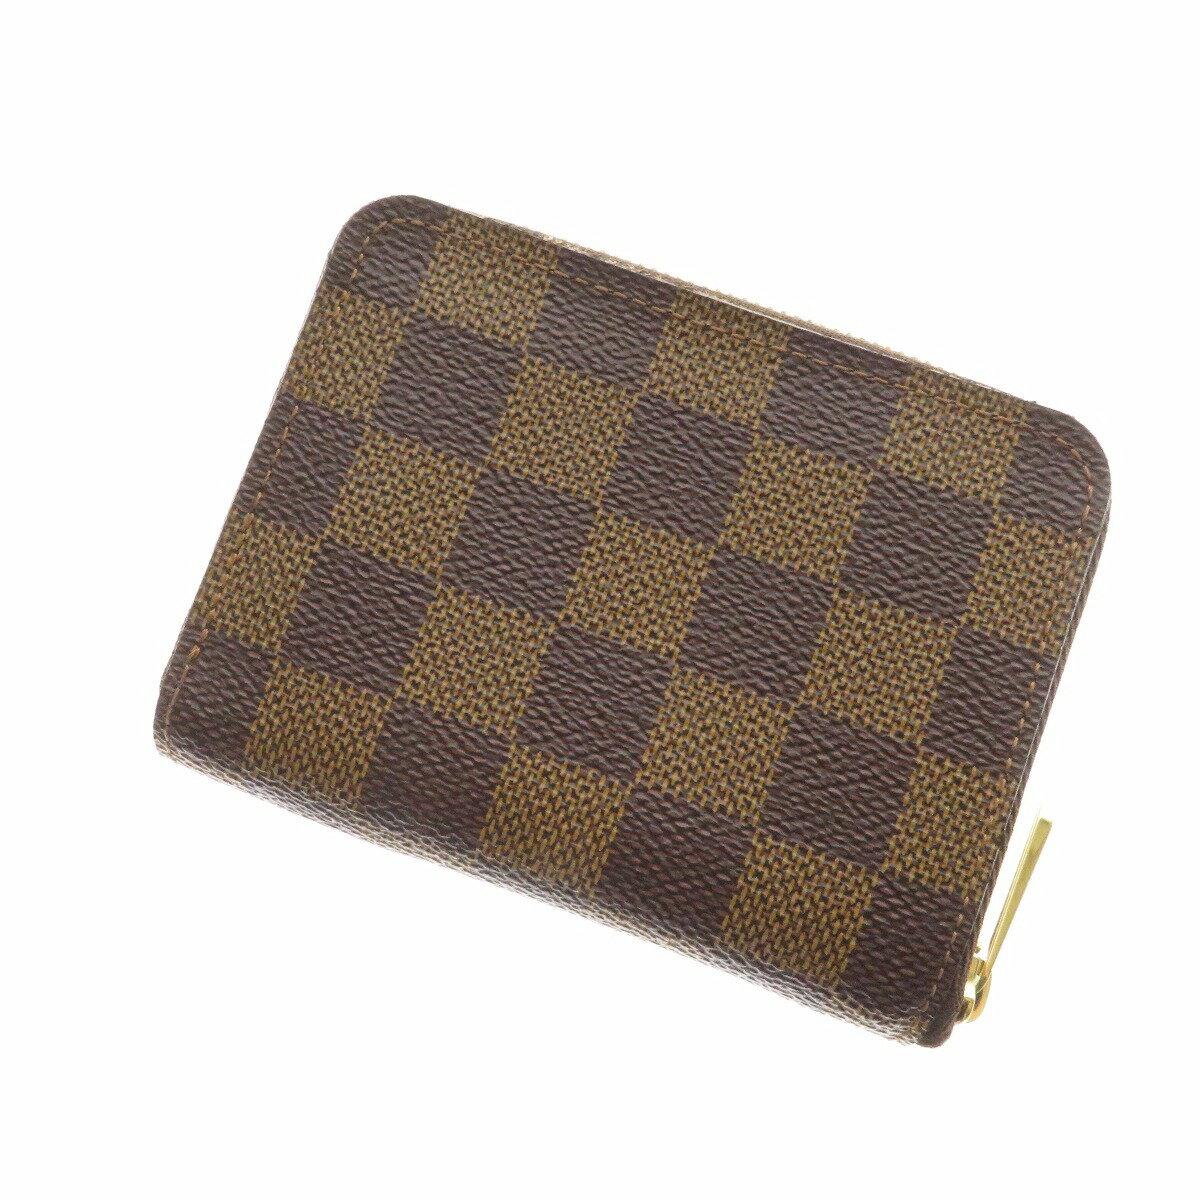 【奢華時尚】LV N63070 棋盤格拉鍊2層零錢多卡片包(八五成新)#19624